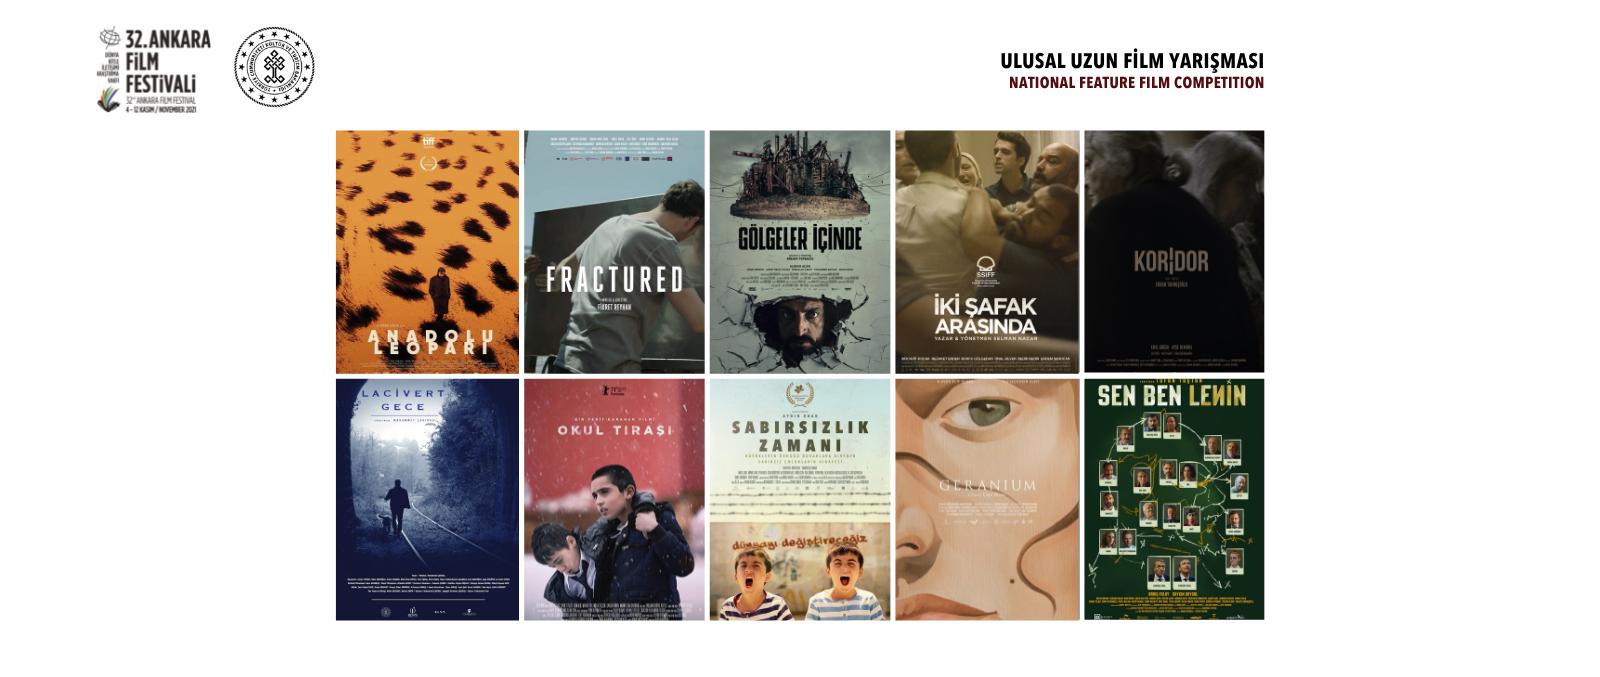 32. Ankara Film Festivali Ulusal Yarışma Filmleri Belli Oldu!